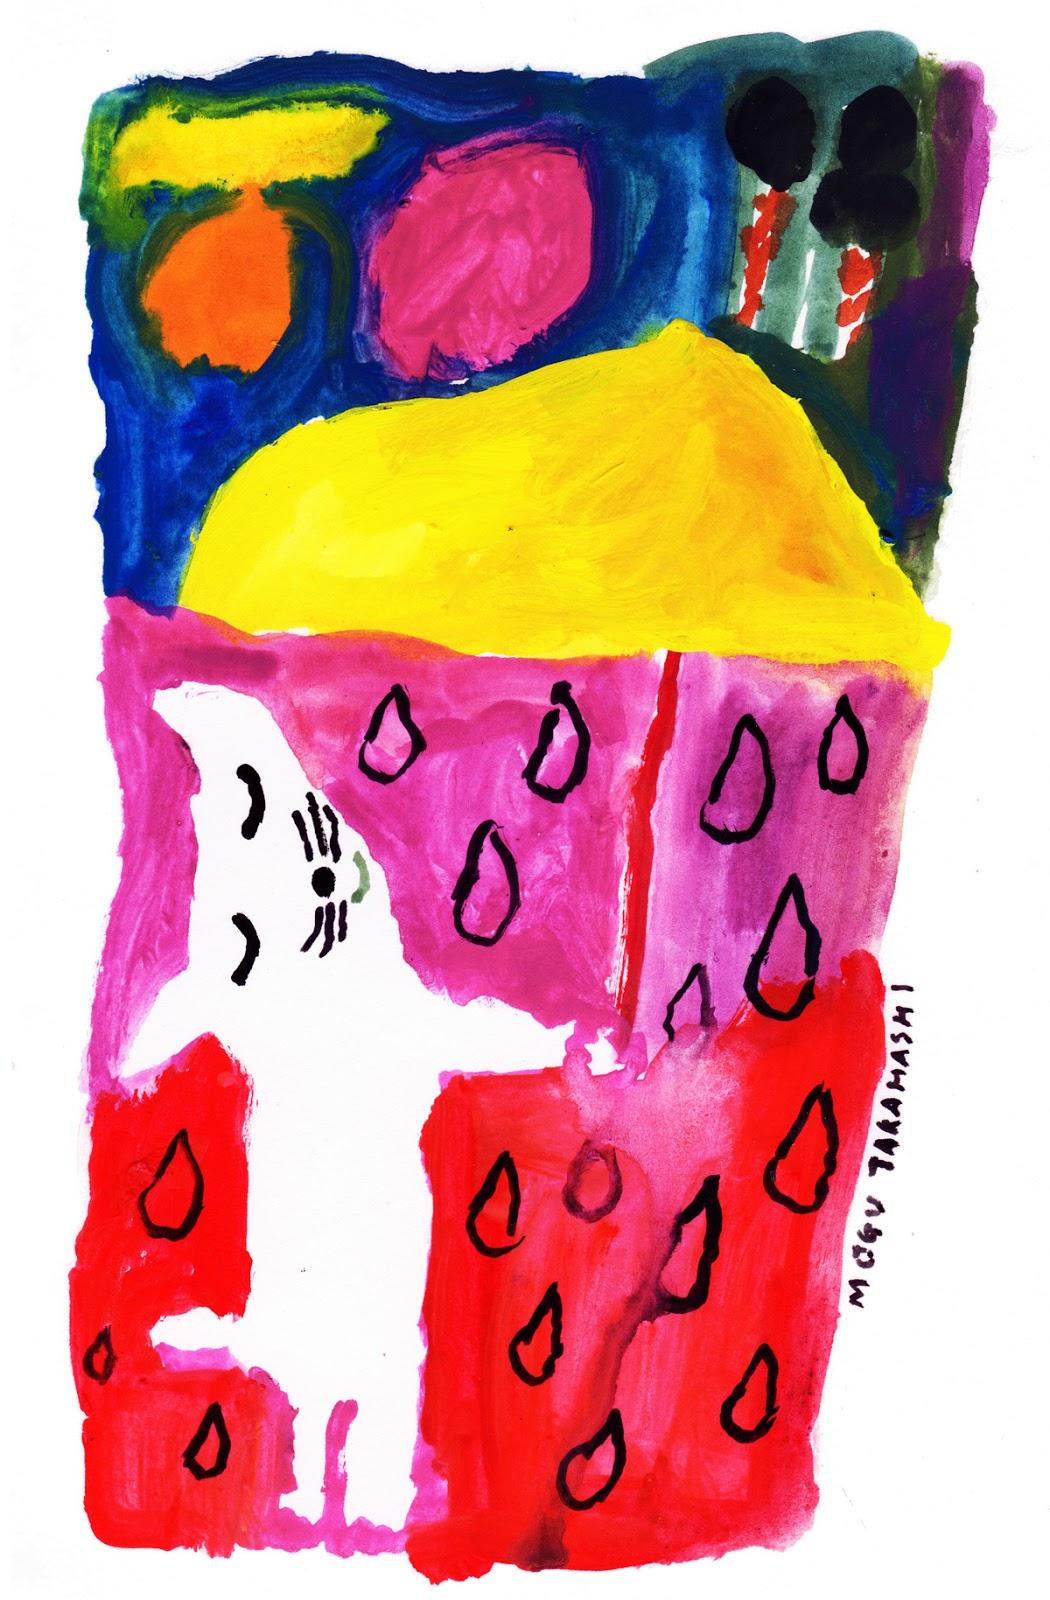 onemoregoodone-mogu-takahashi-japanese-illustration